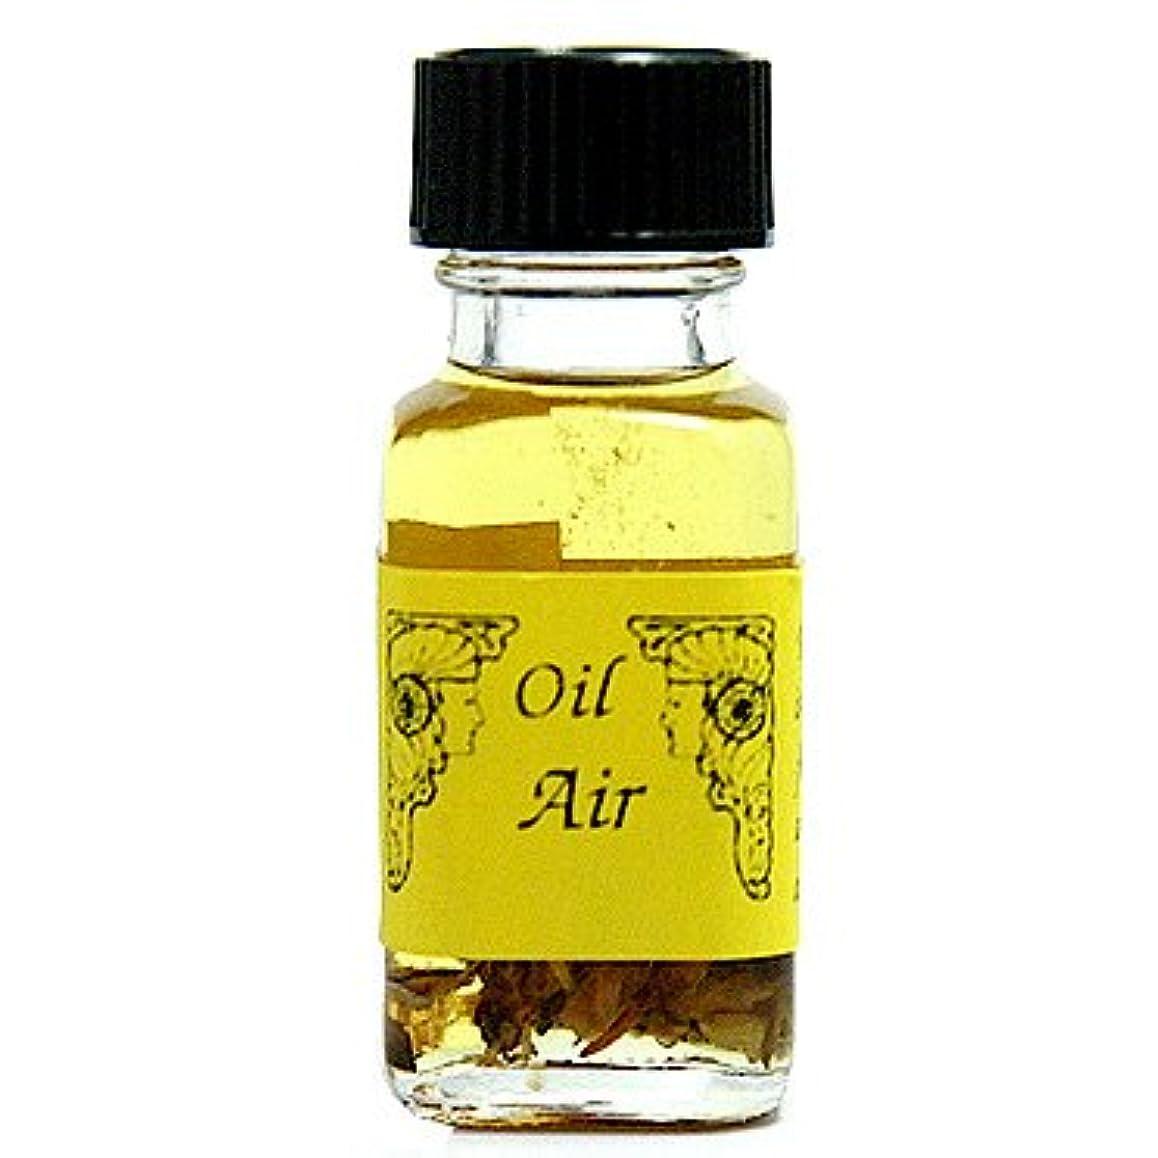 アンシェントメモリーオイル エアー (風) 15ml (Ancient Memory Oils)